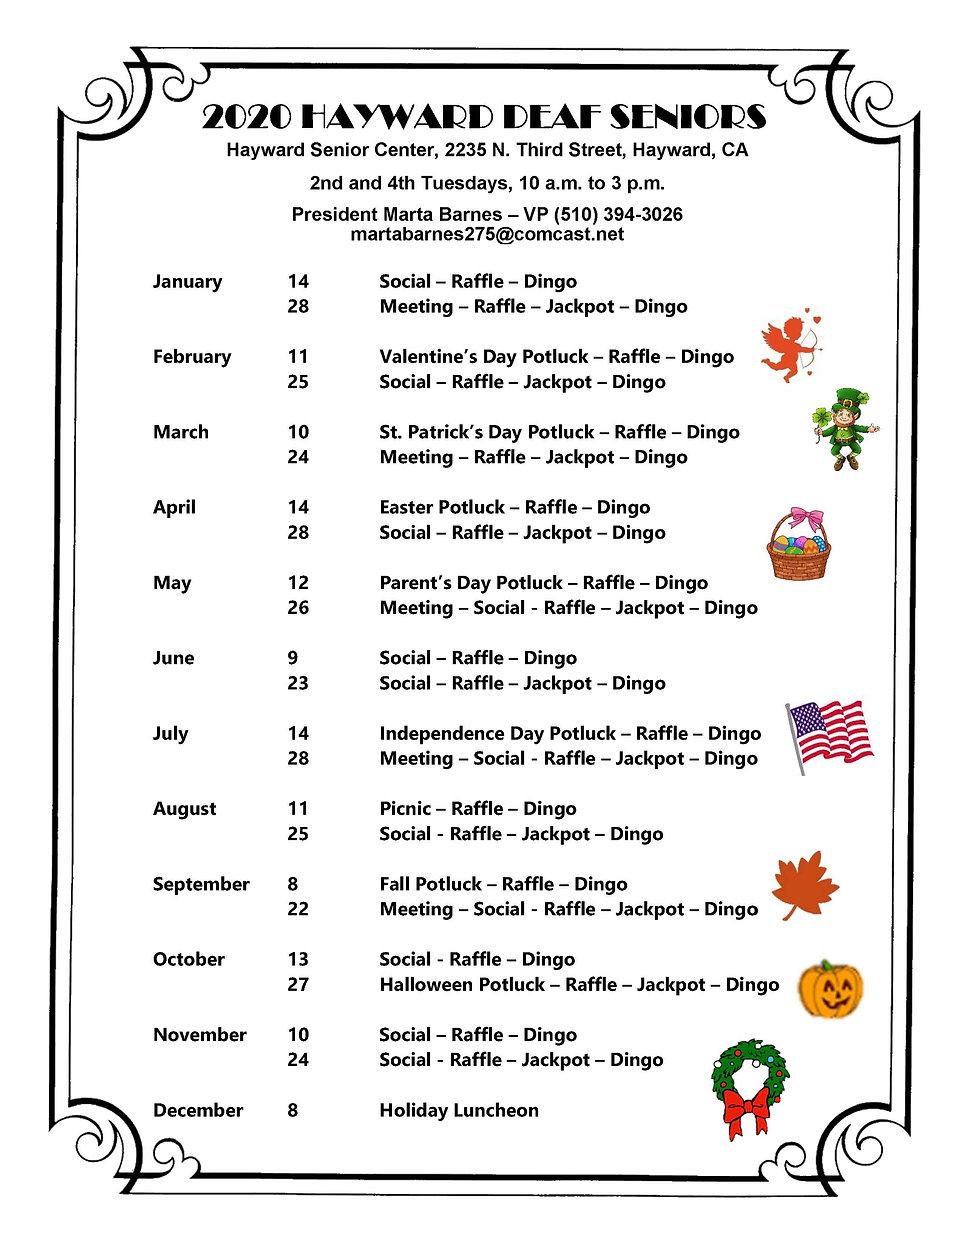 2020 Hayward DSC Calendar.jpg